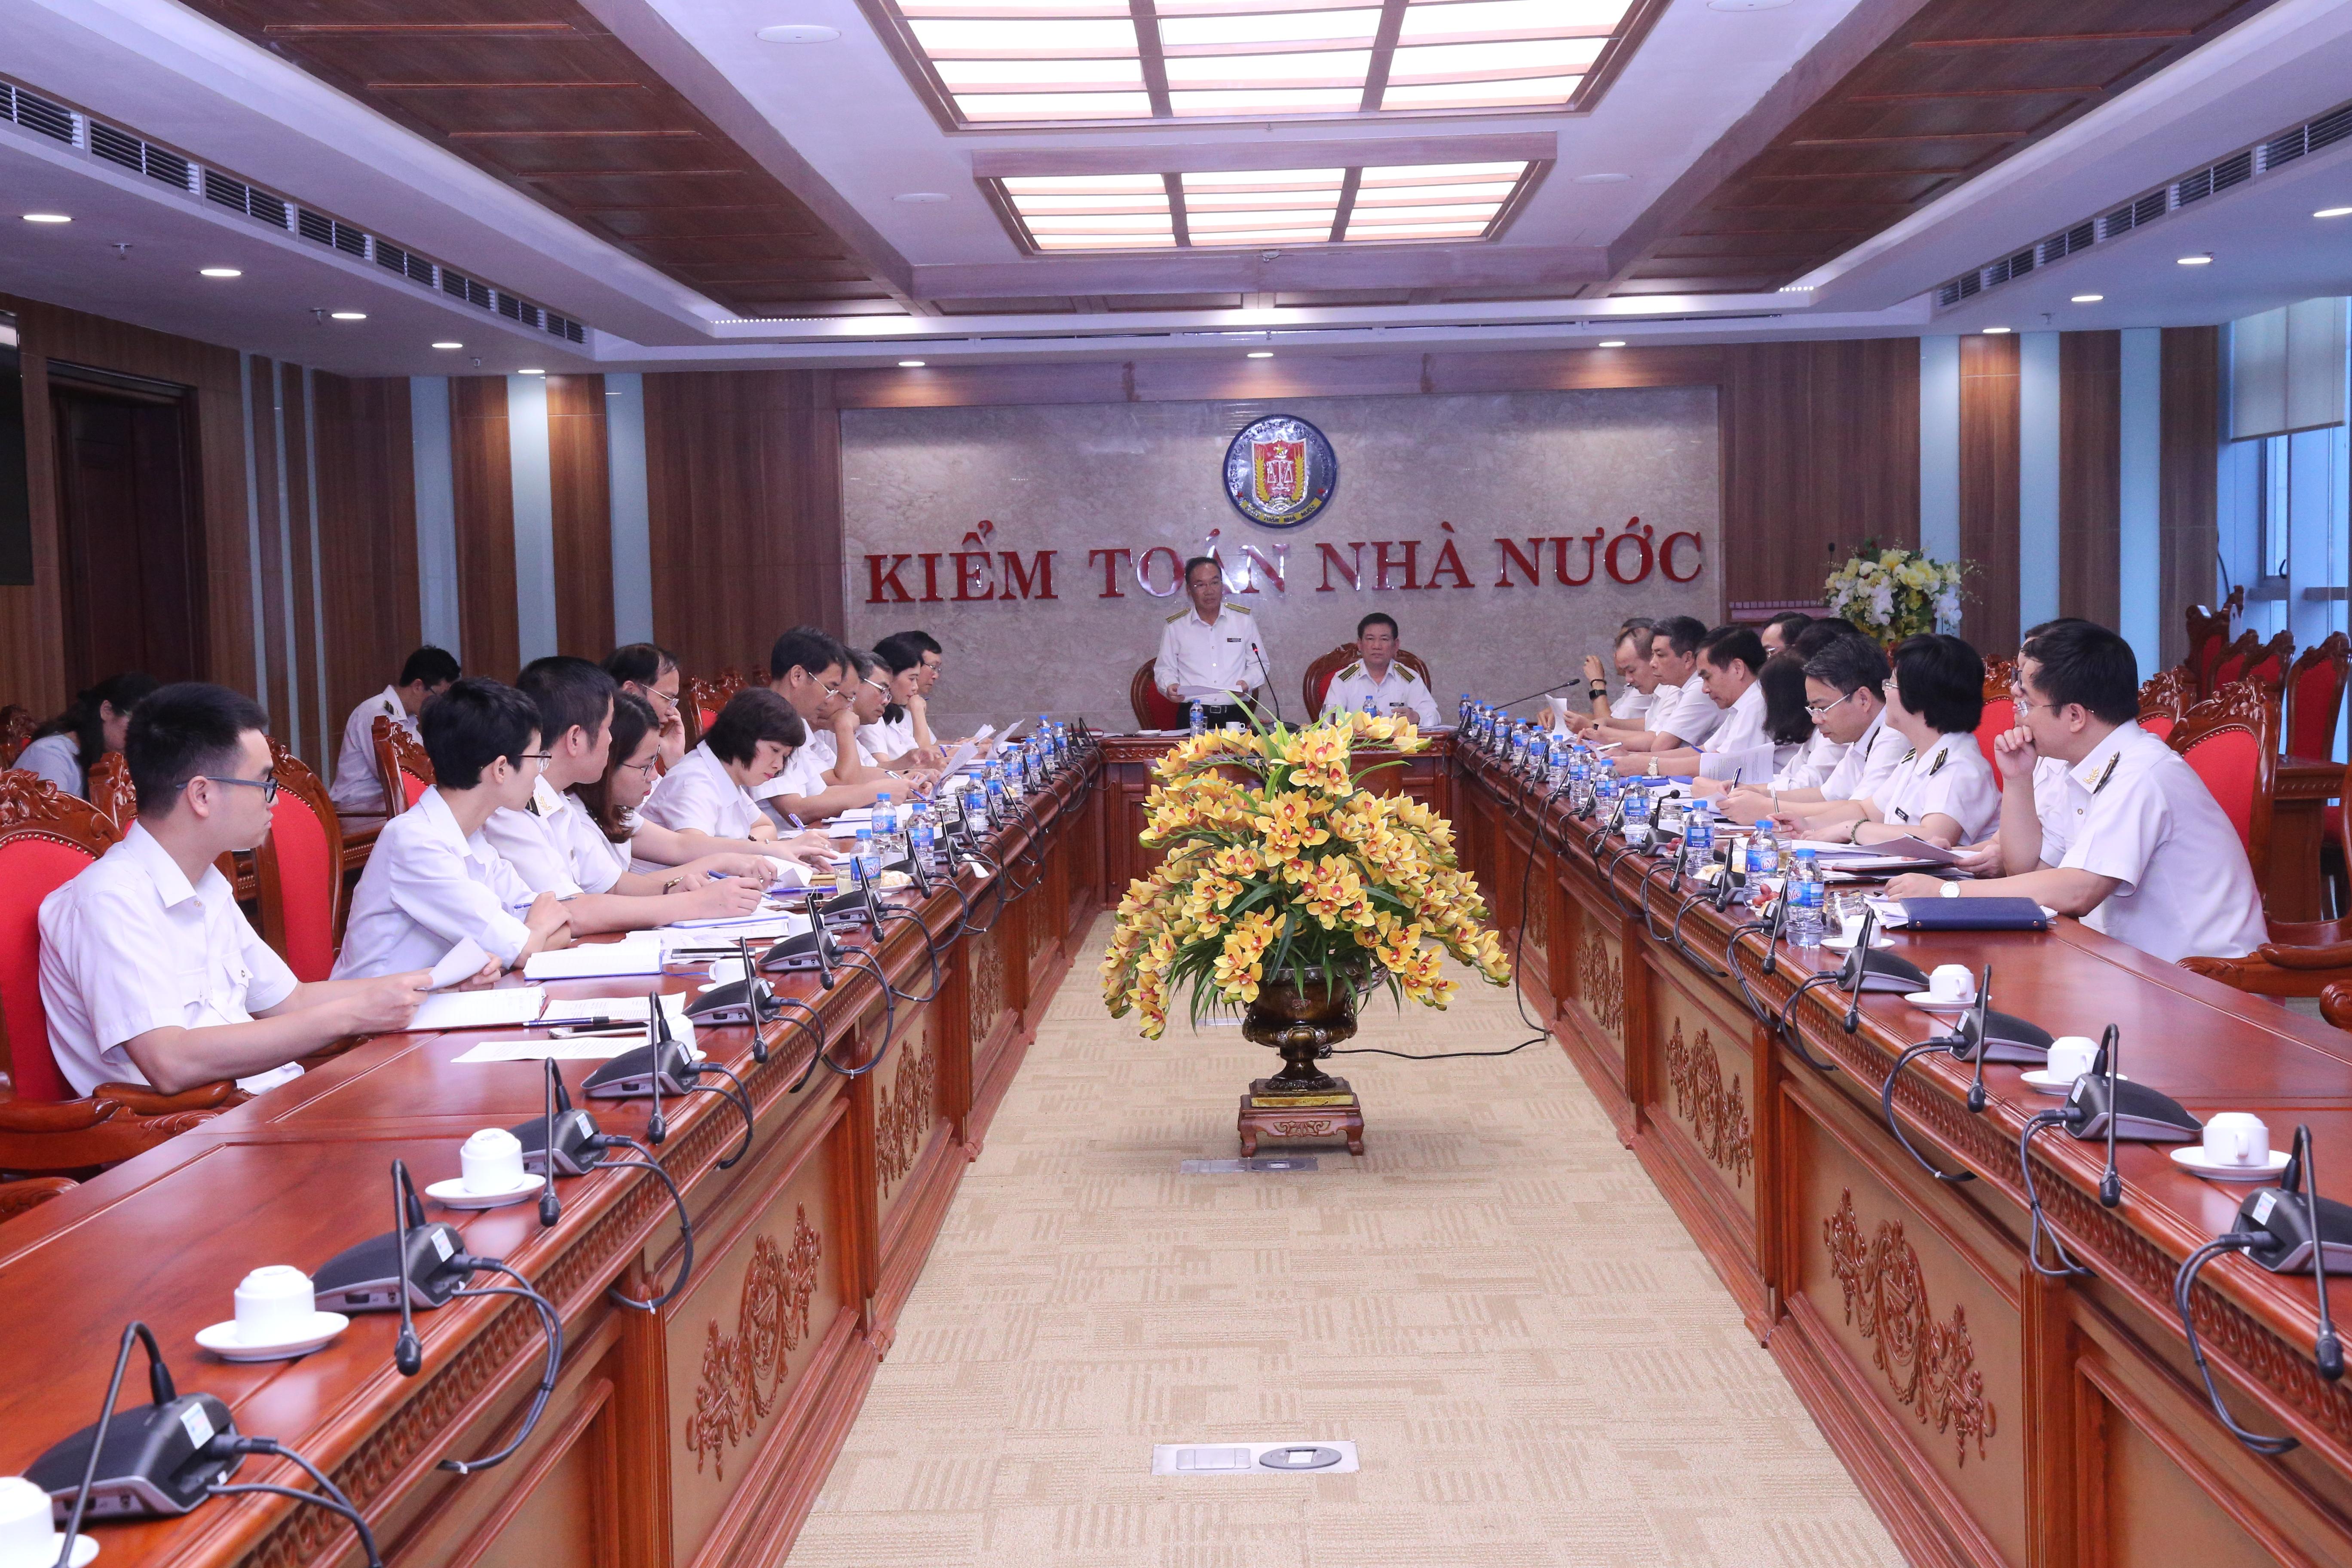 Sơ kết hoạt động 6 tháng đầu năm Hội đồng khoa học nhiệm kỳ VIII